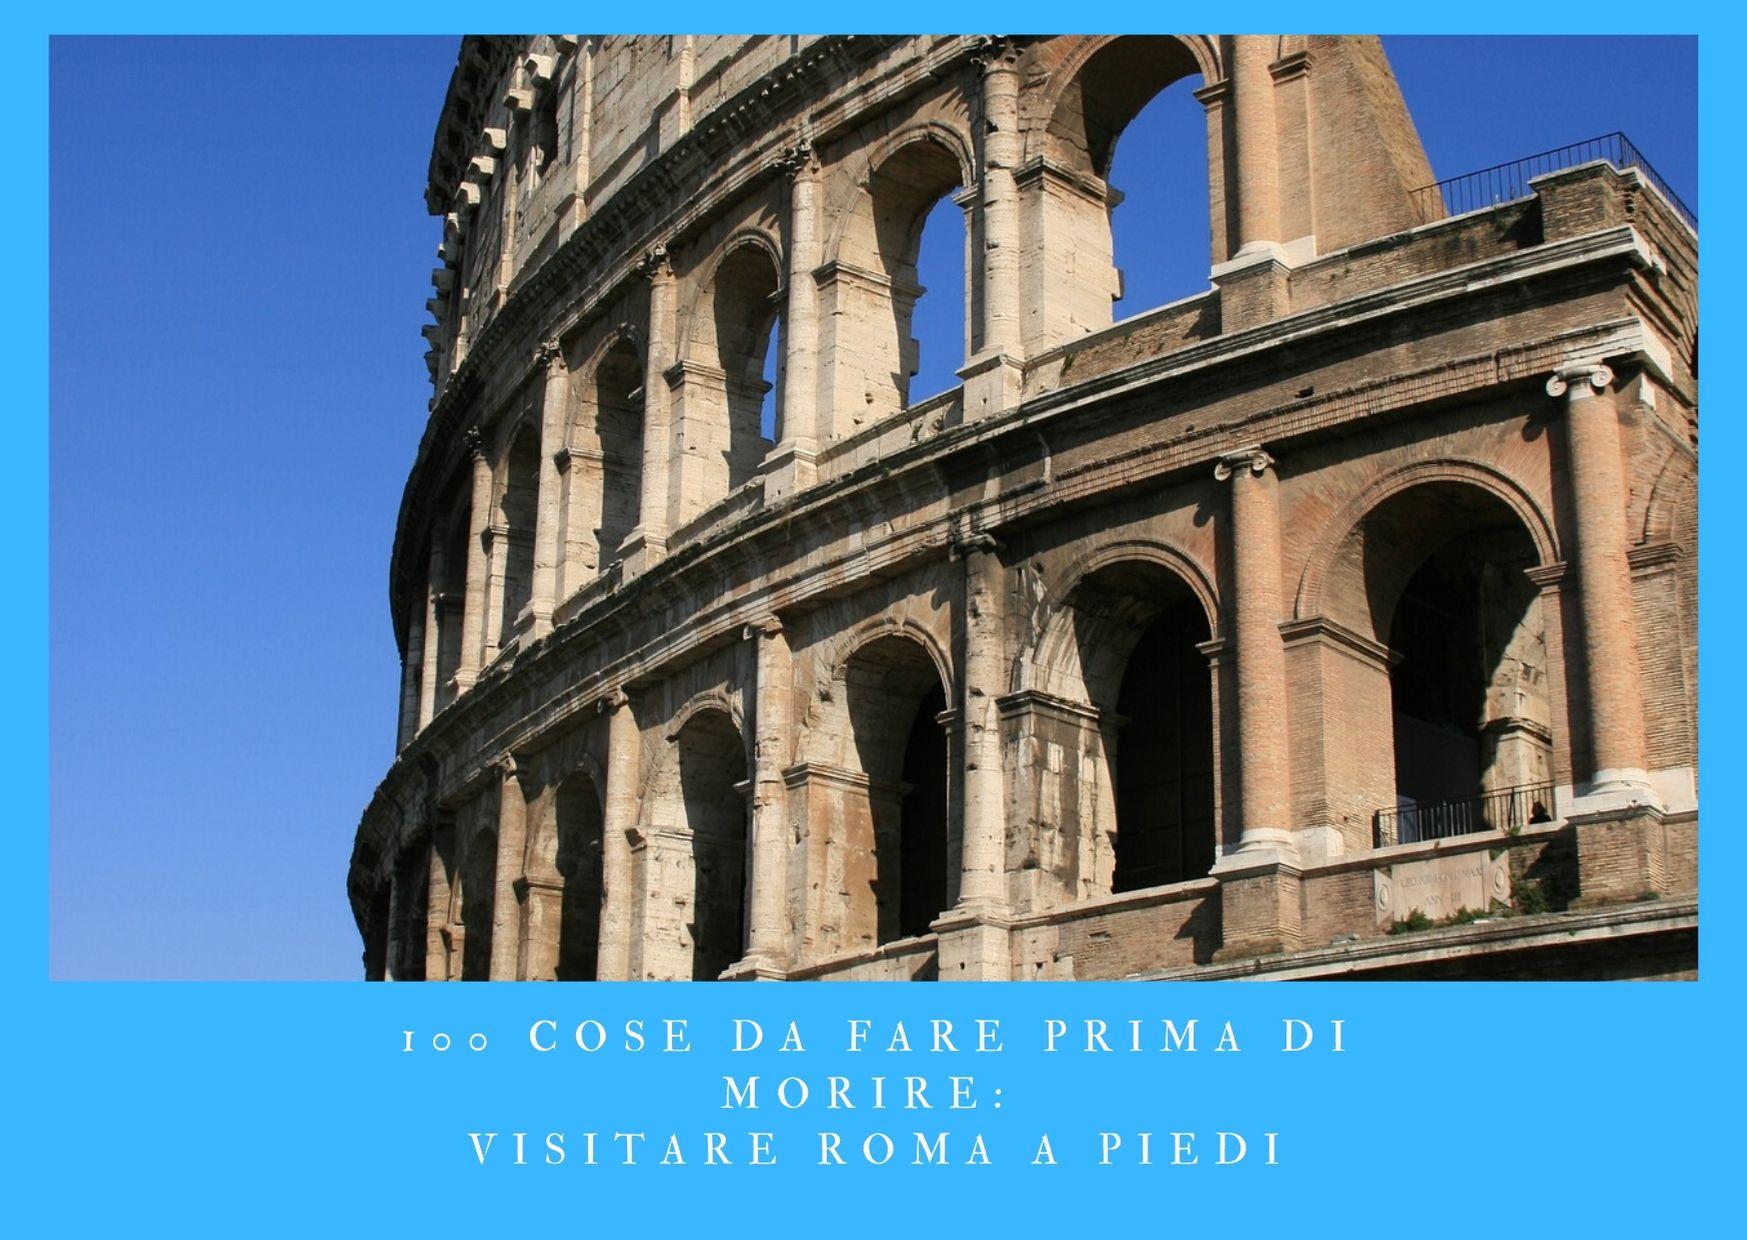 100 cose da fare prima di morire - visitare Roma a piedi